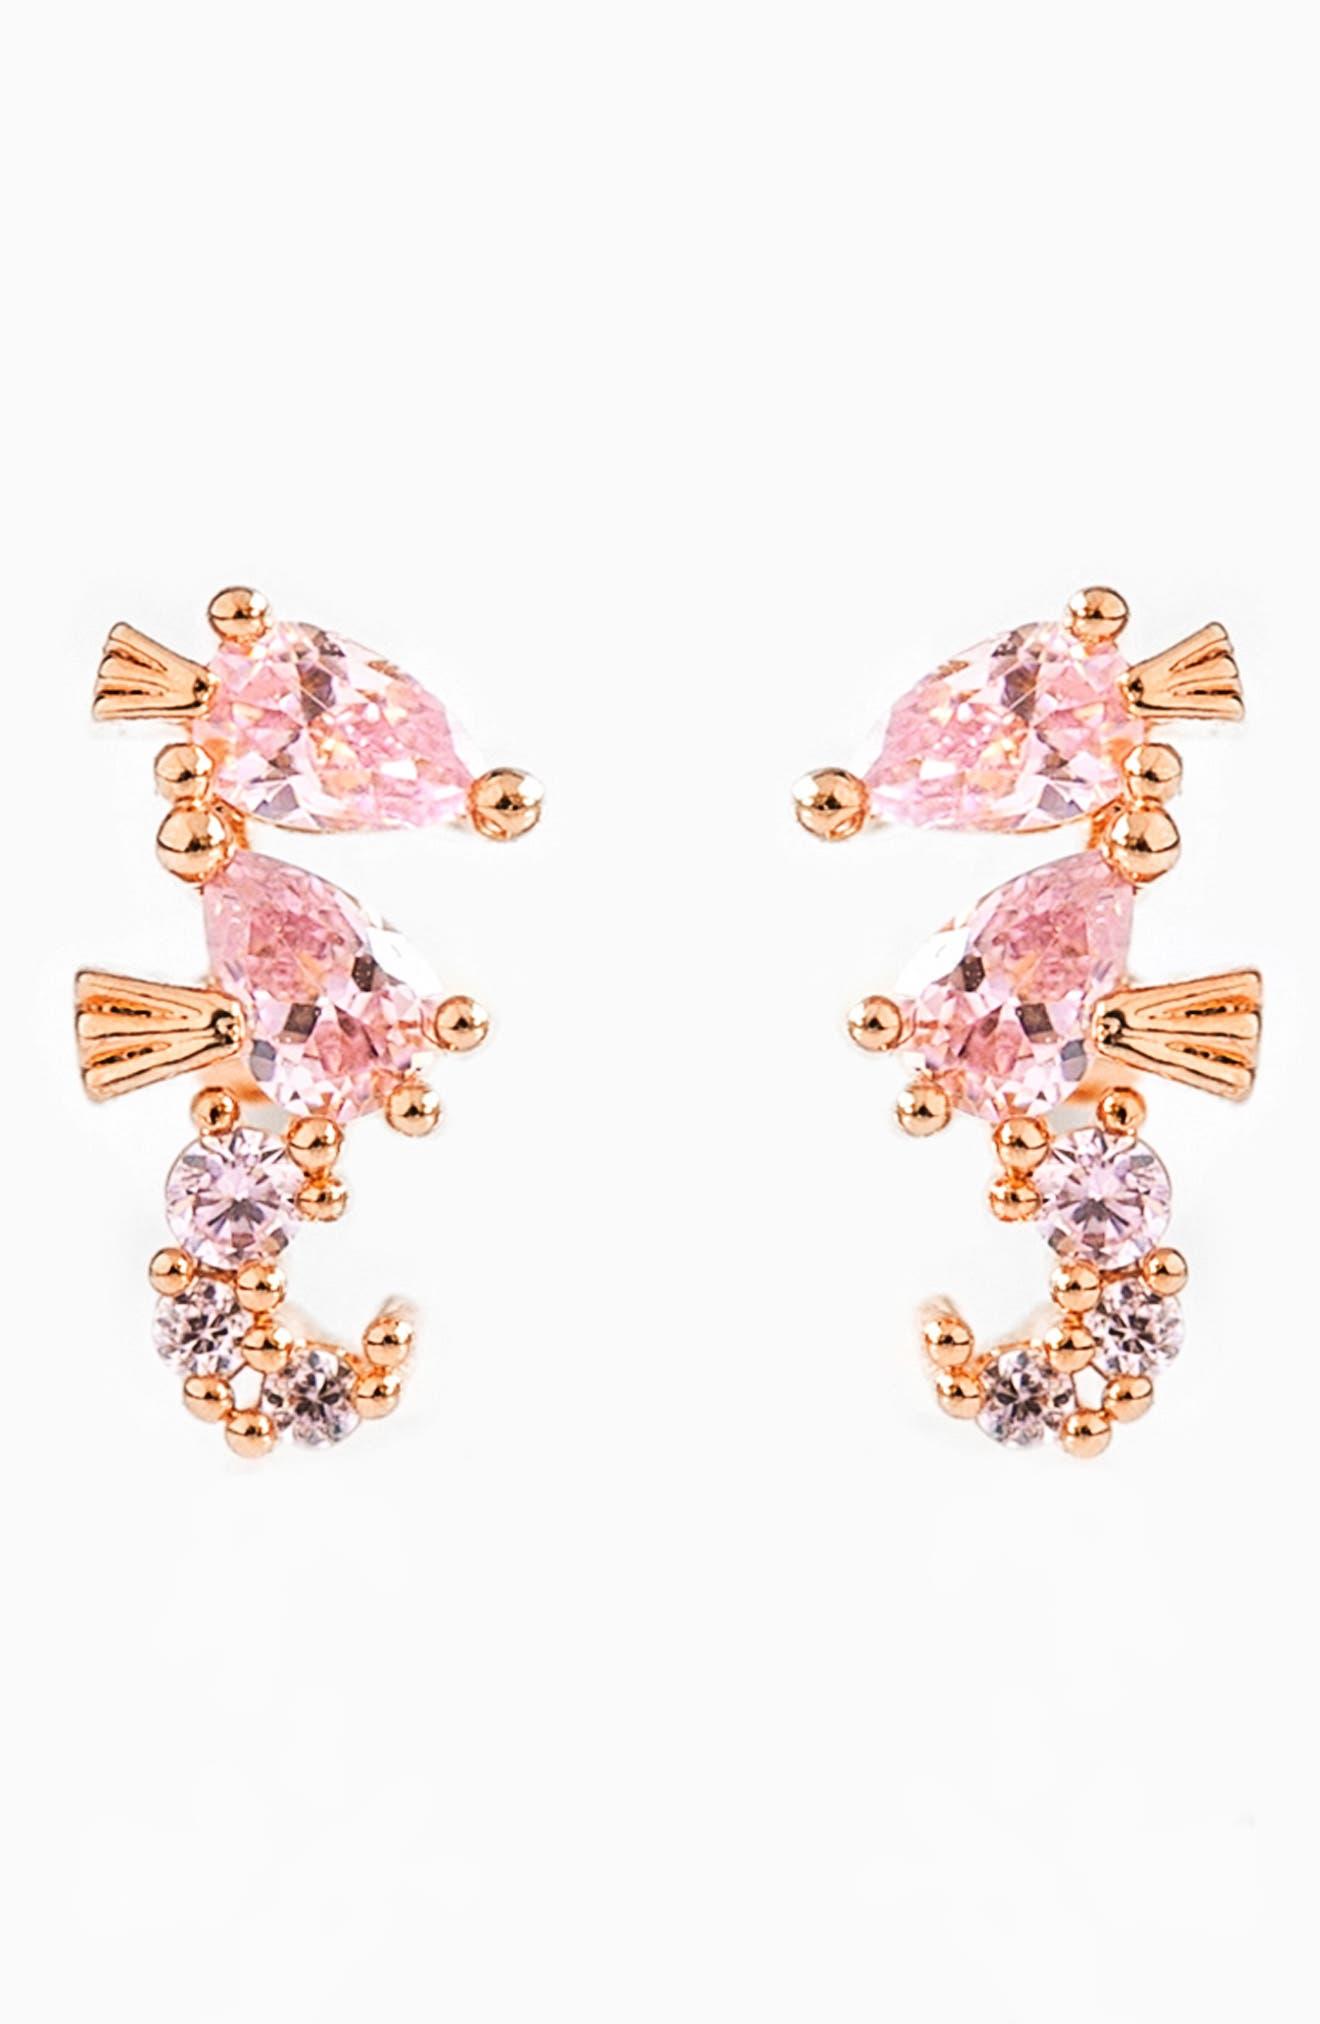 Seahorse Stud Earrings